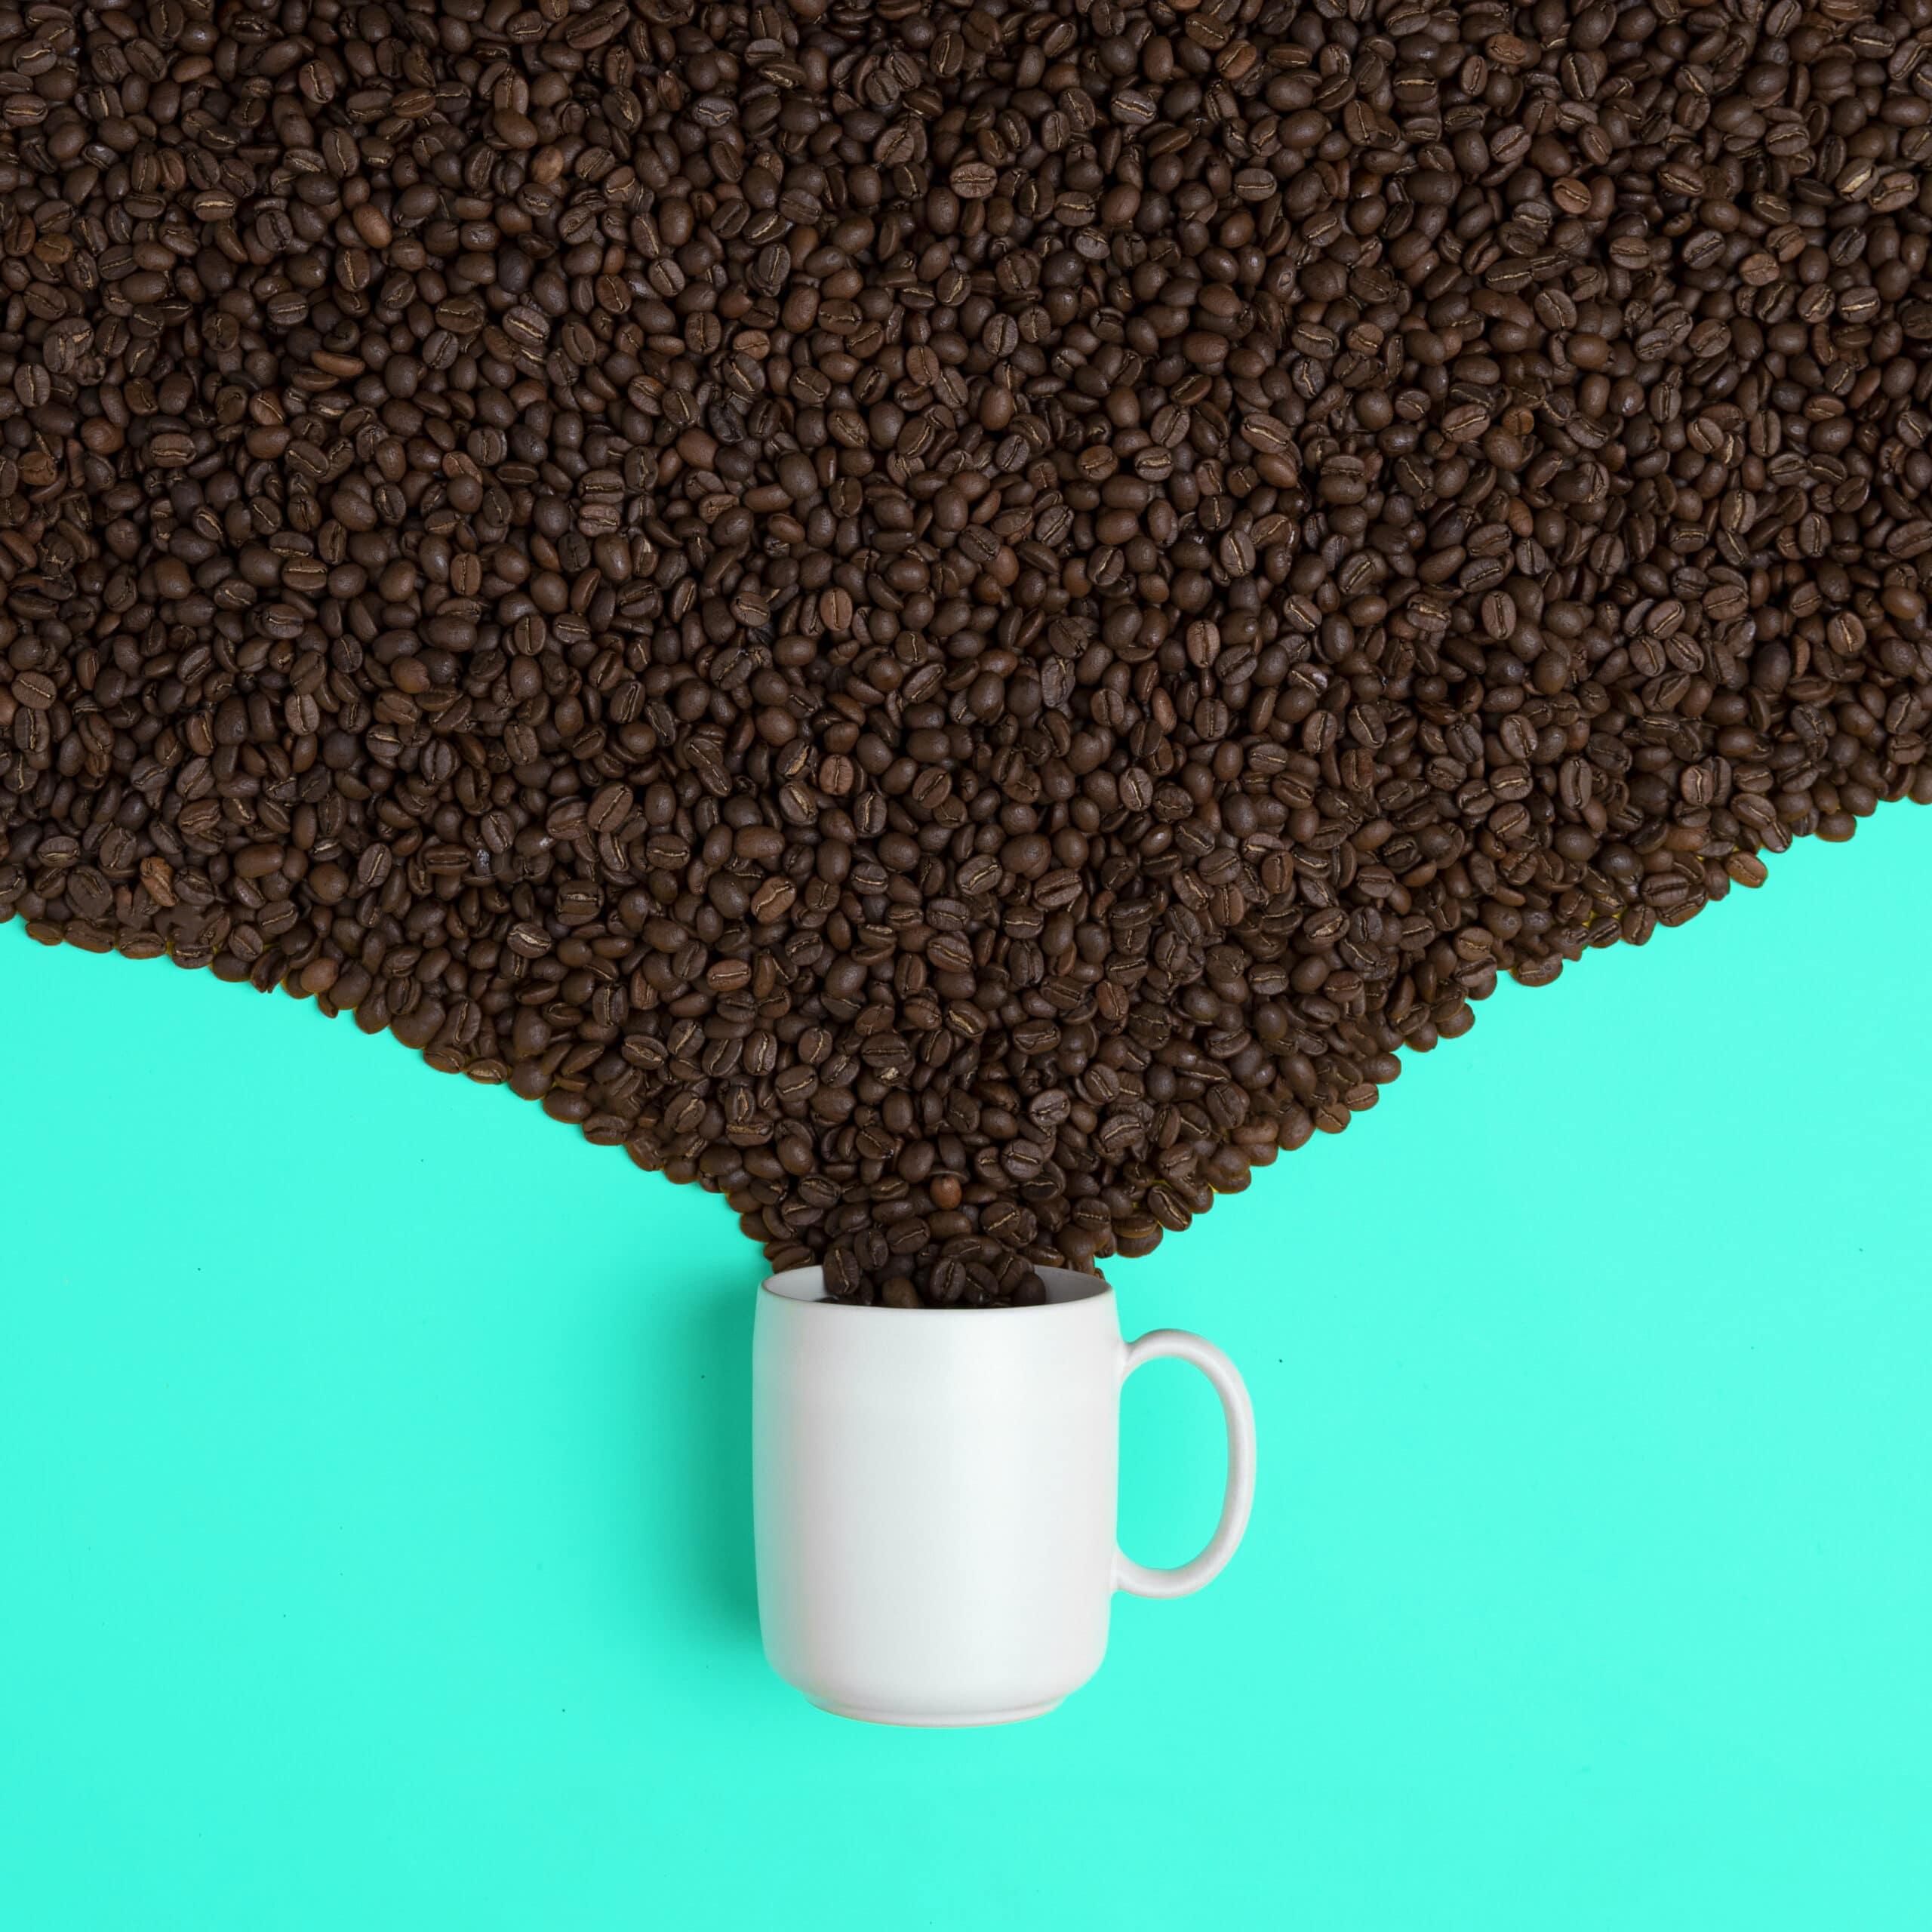 Granos de café-Incapto